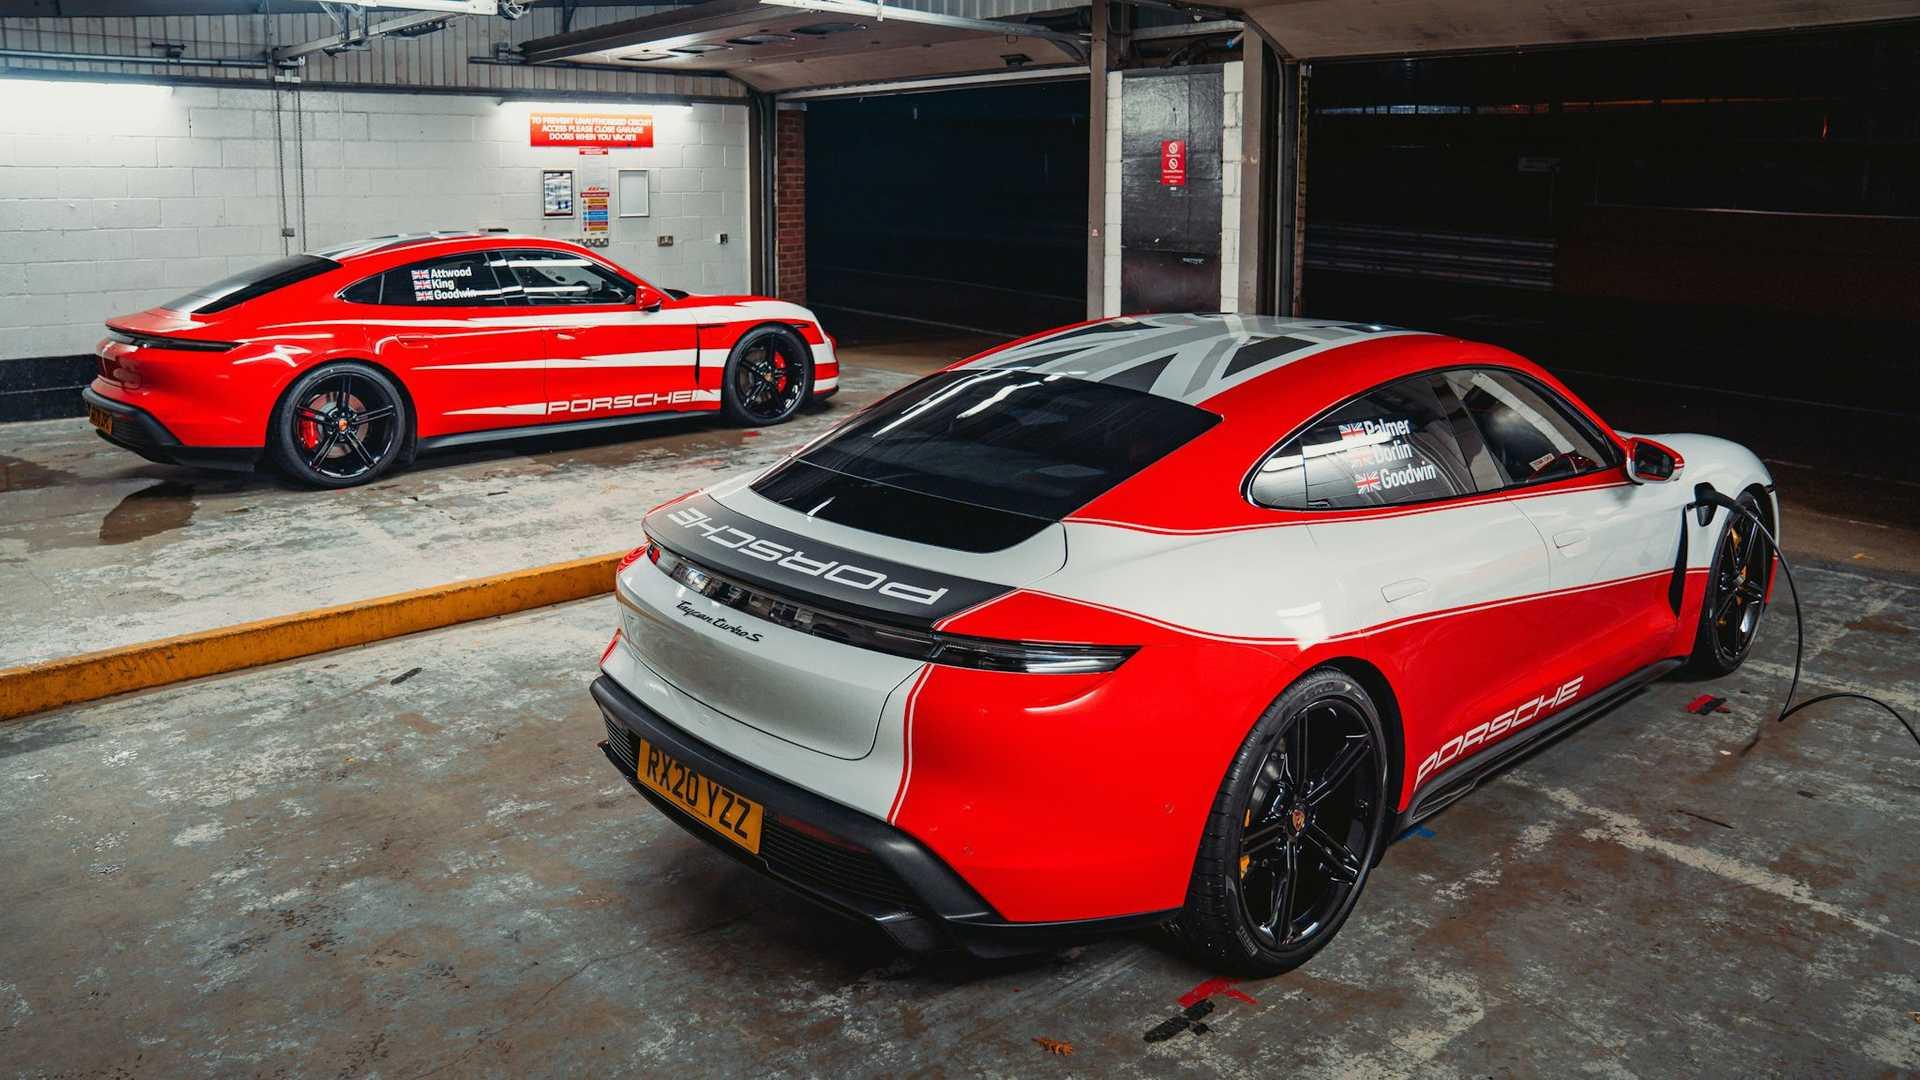 Porsche-Taycan-At-Brands-Hatch-Circuit-12